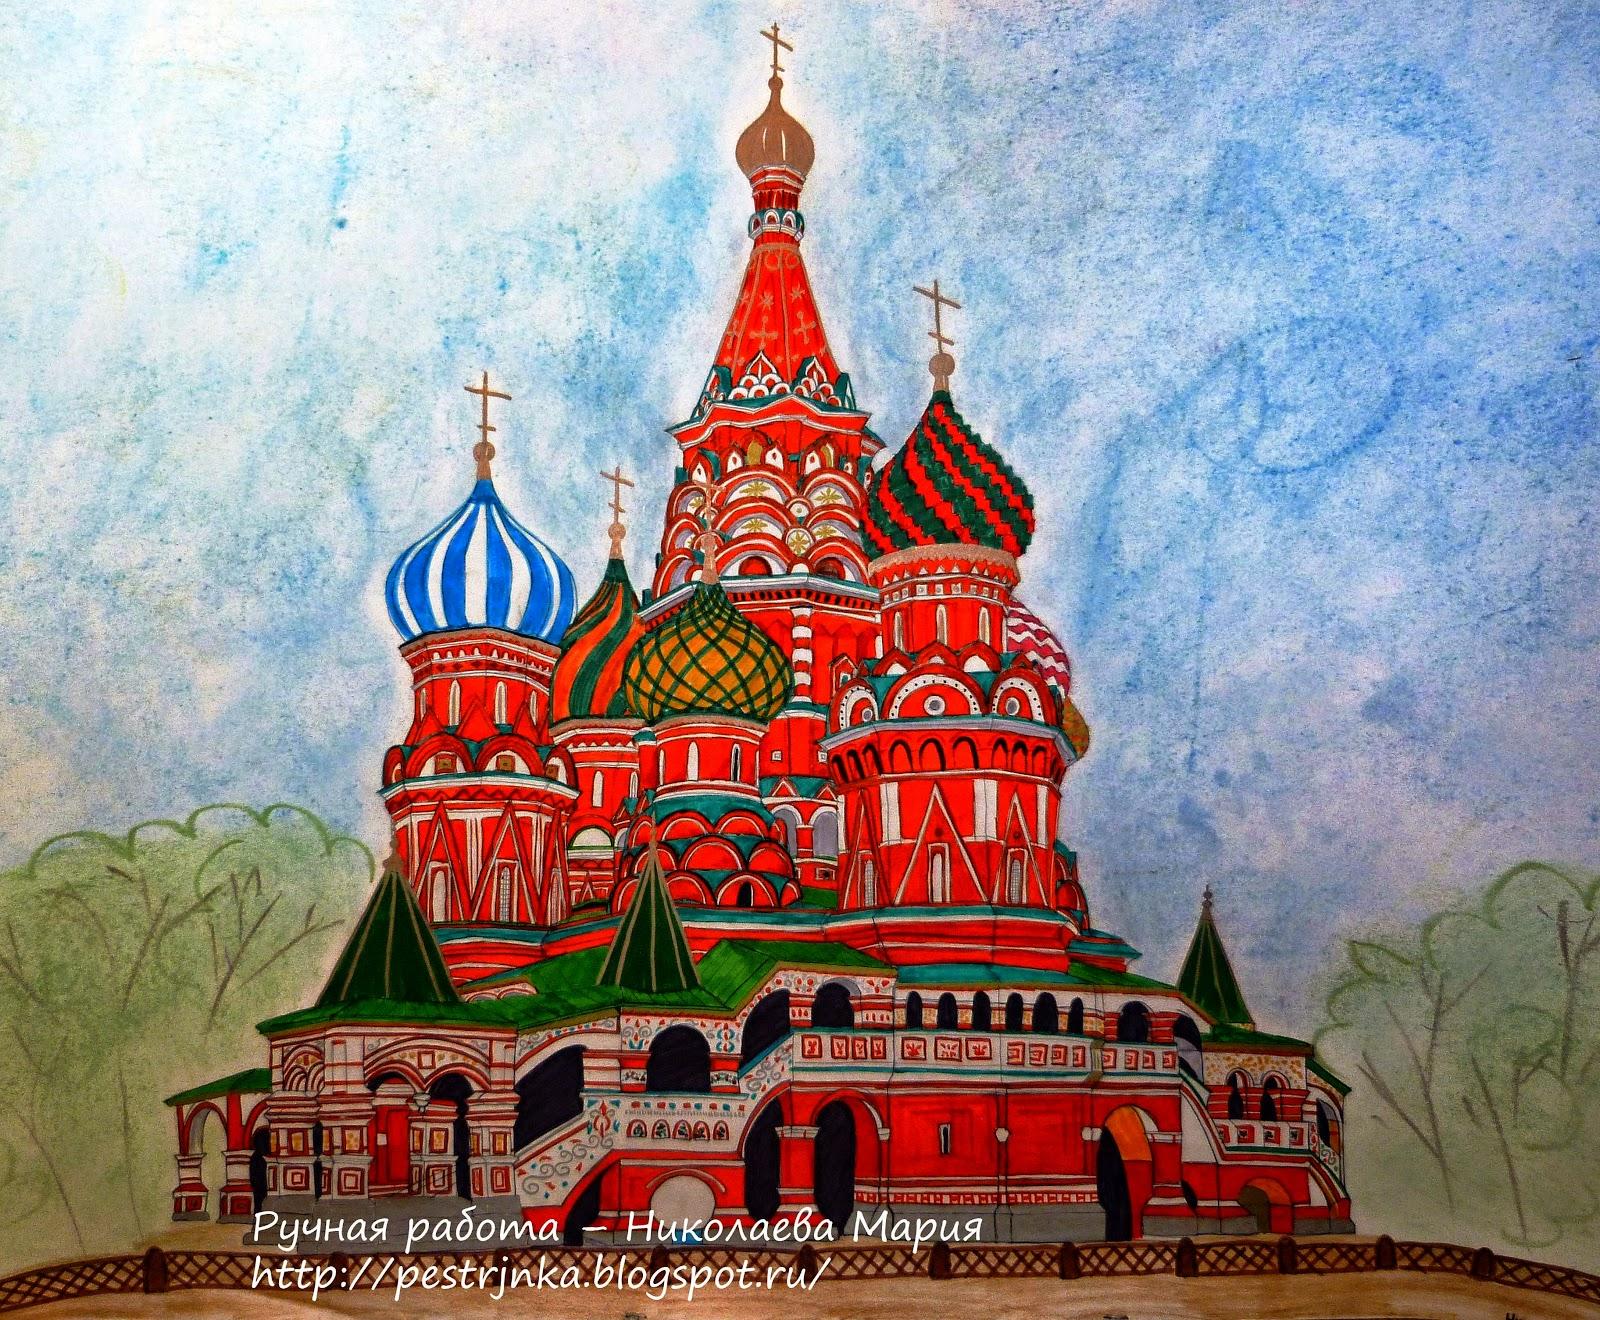 Курбан байрамом, храм василия блаженного картинки рисованные